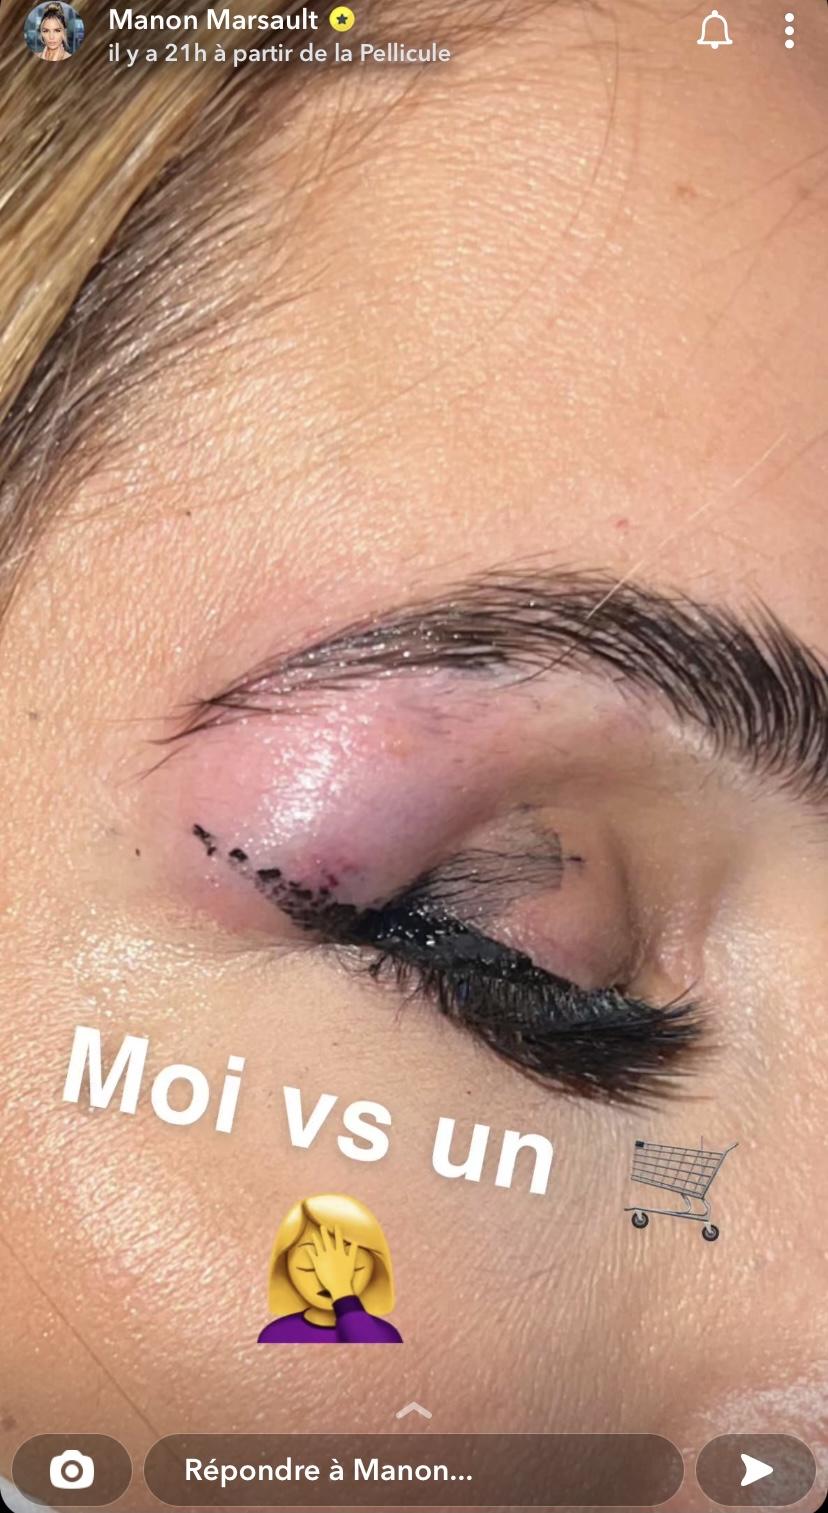 Manon Marsault blessée au visage, elle dévoile des photos choquantes